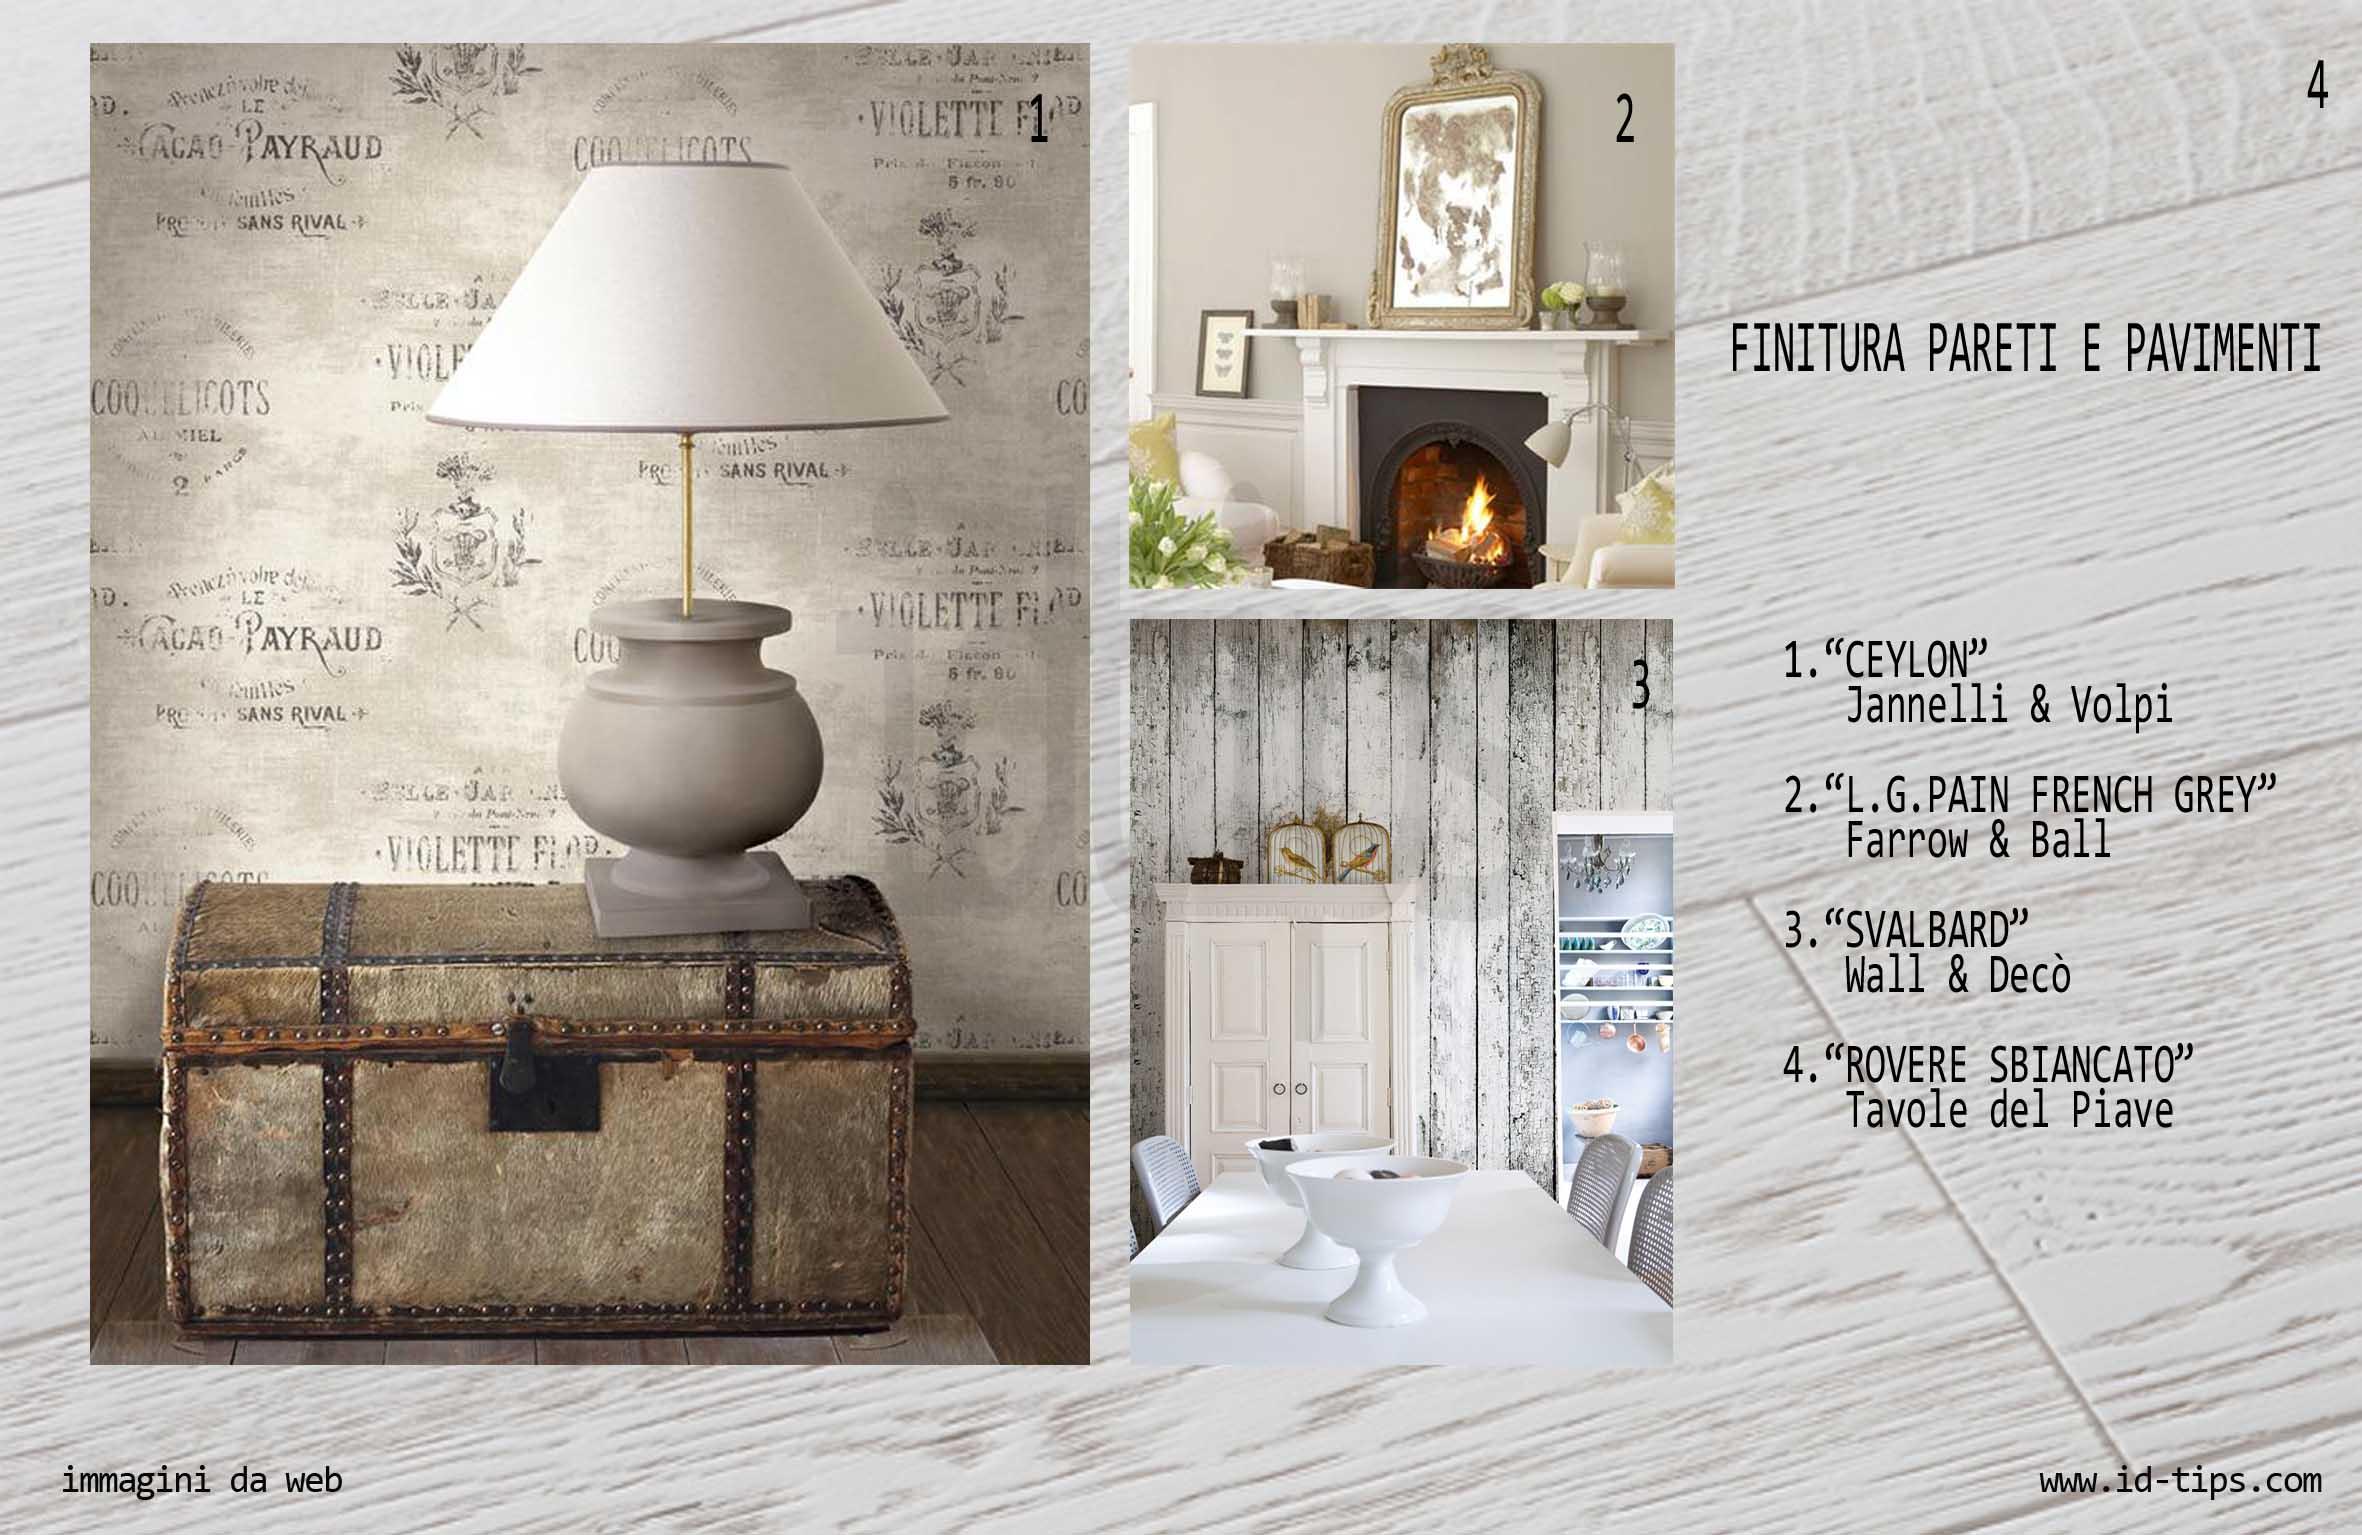 Shabby in 10 mosse id tips interior design tips blog for Tavole colori per pareti